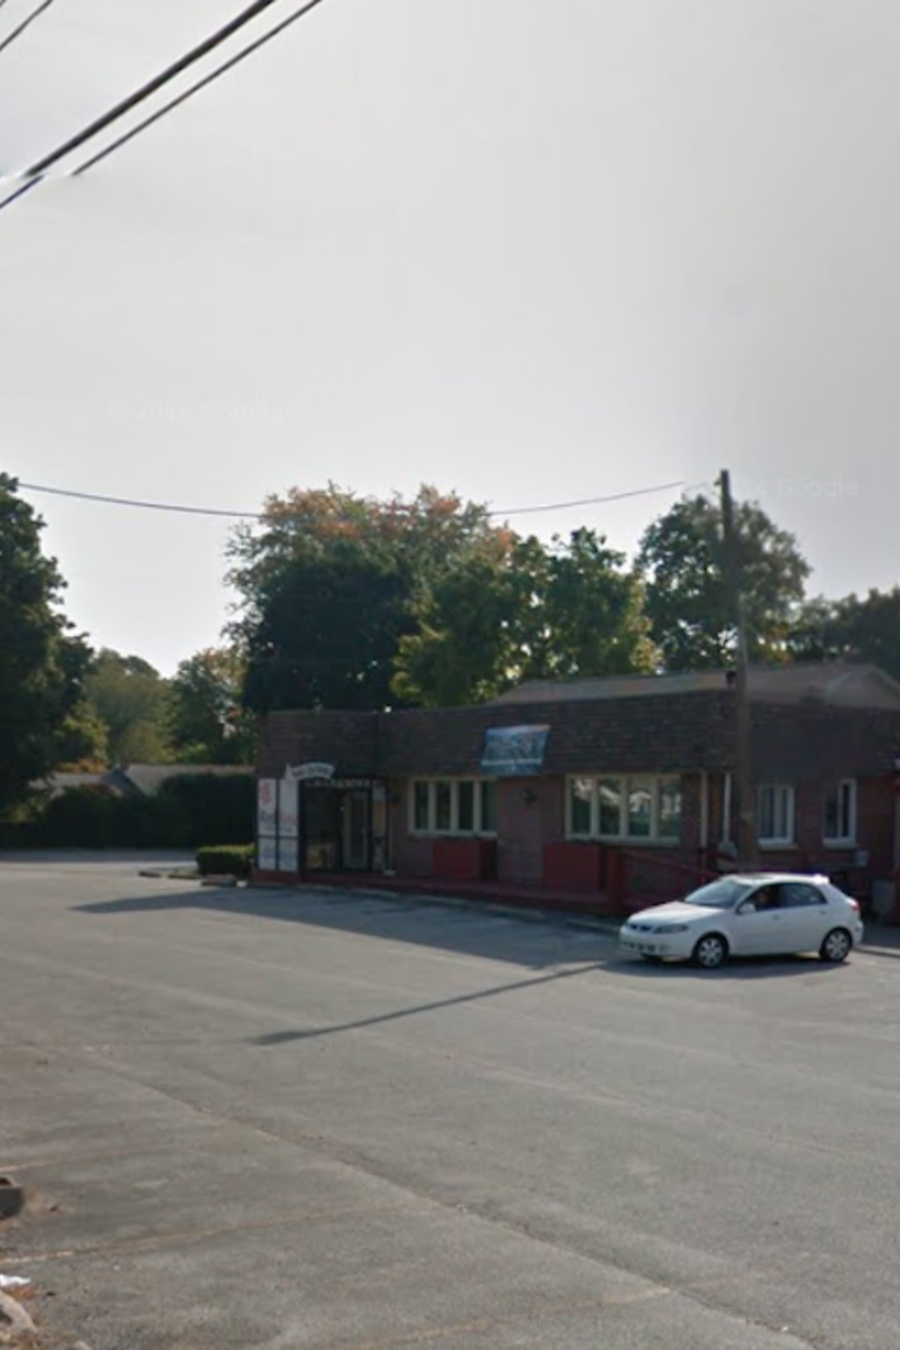 Restaurante donde sucedió el tiroteo, e imagen de James Saylor.